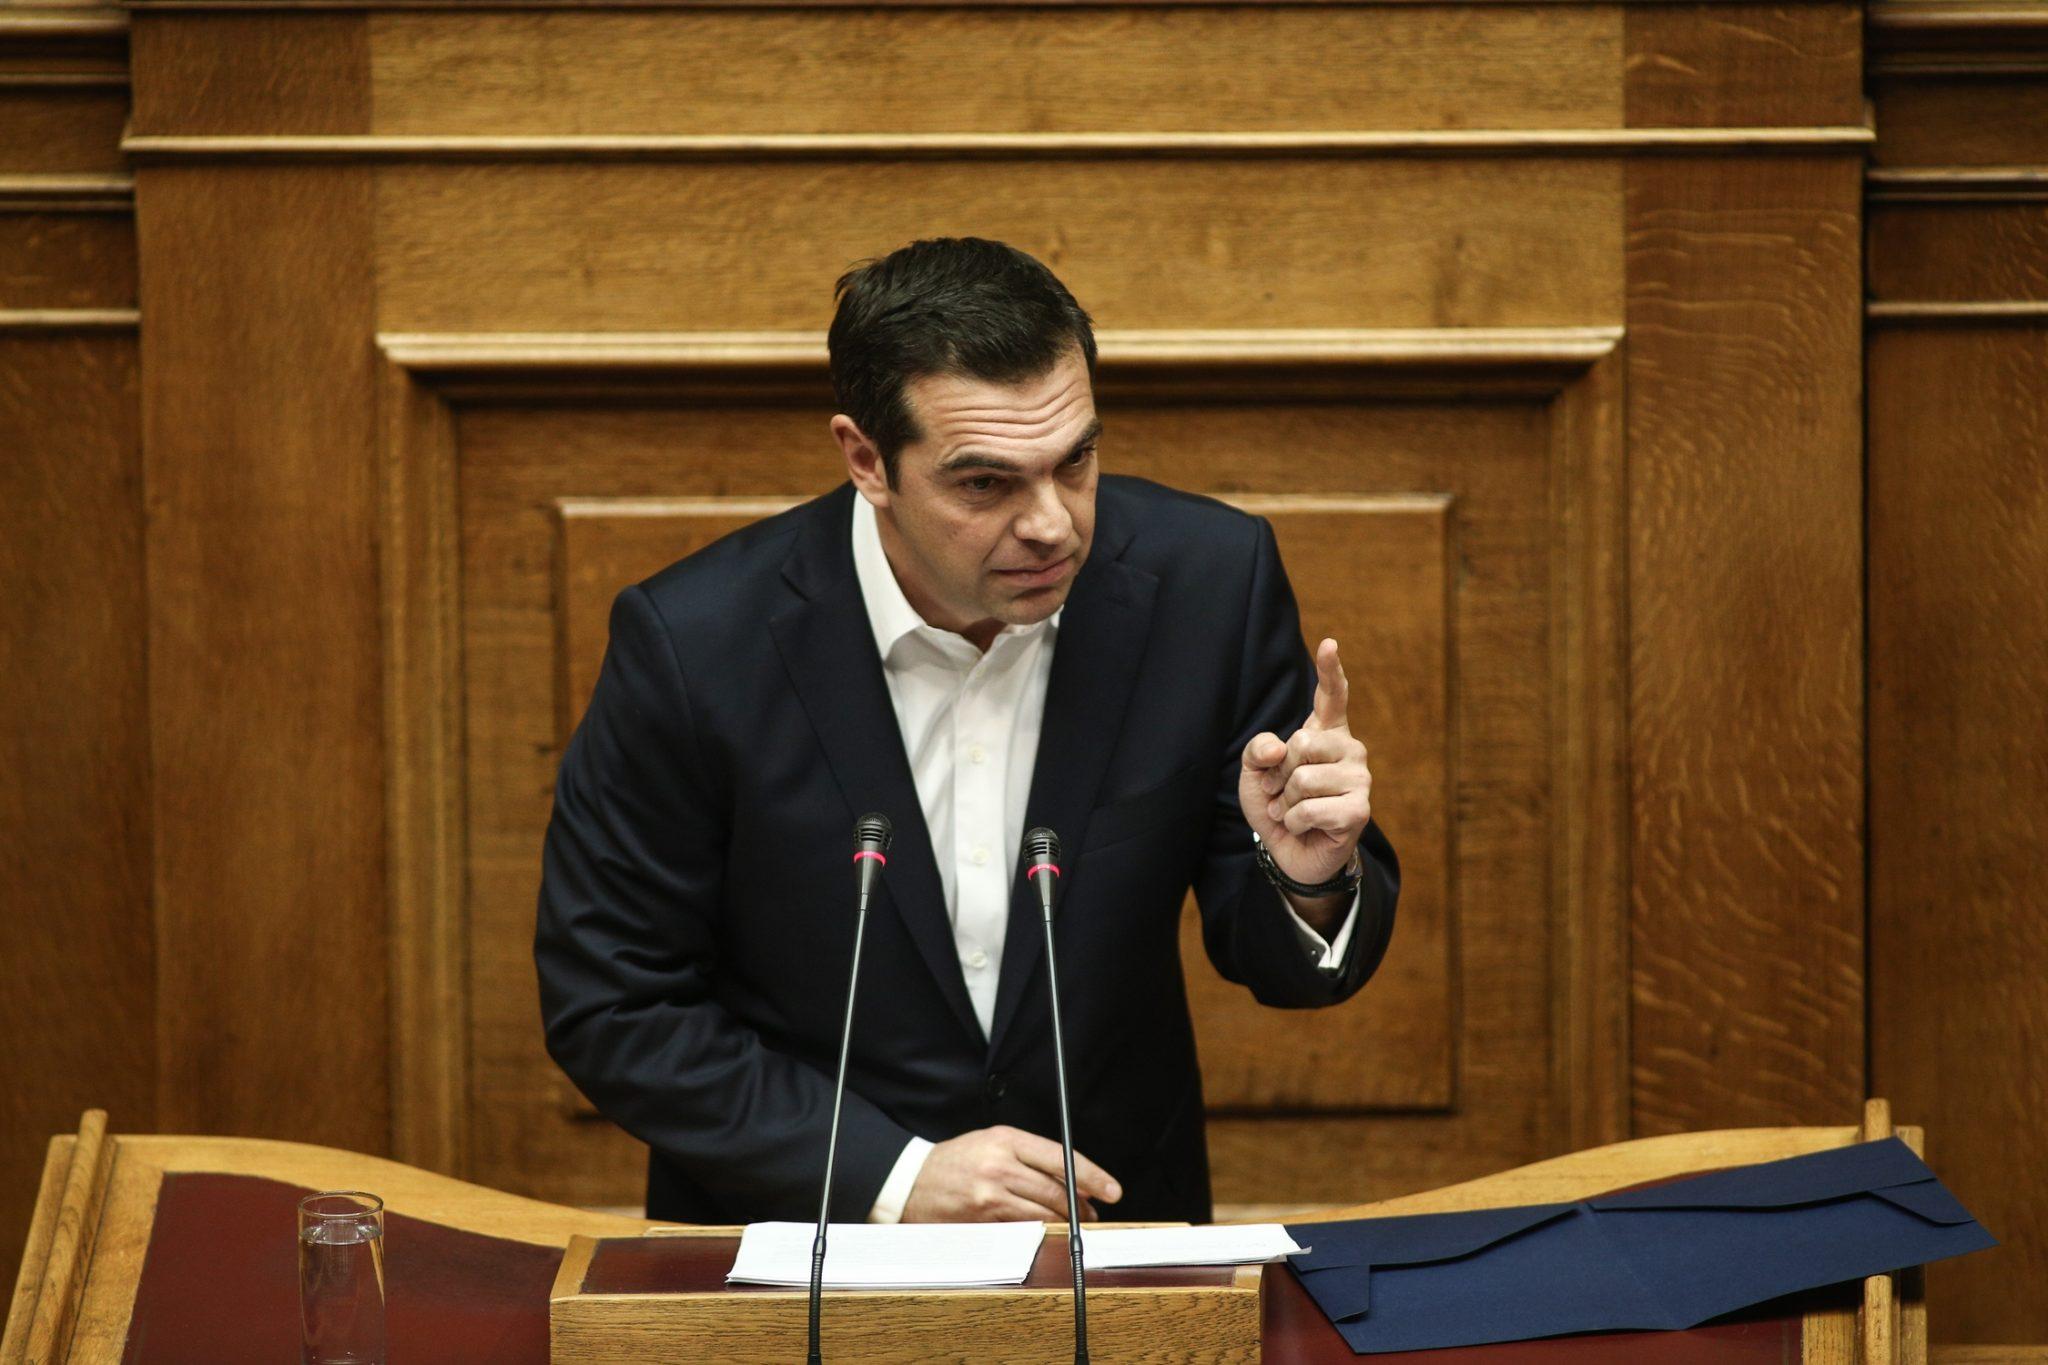 Τσίπρας: Η κυβέρνηση έχει όραμα και σχέδιο και θα αλλάξει την Ελλάδα | to10.gr